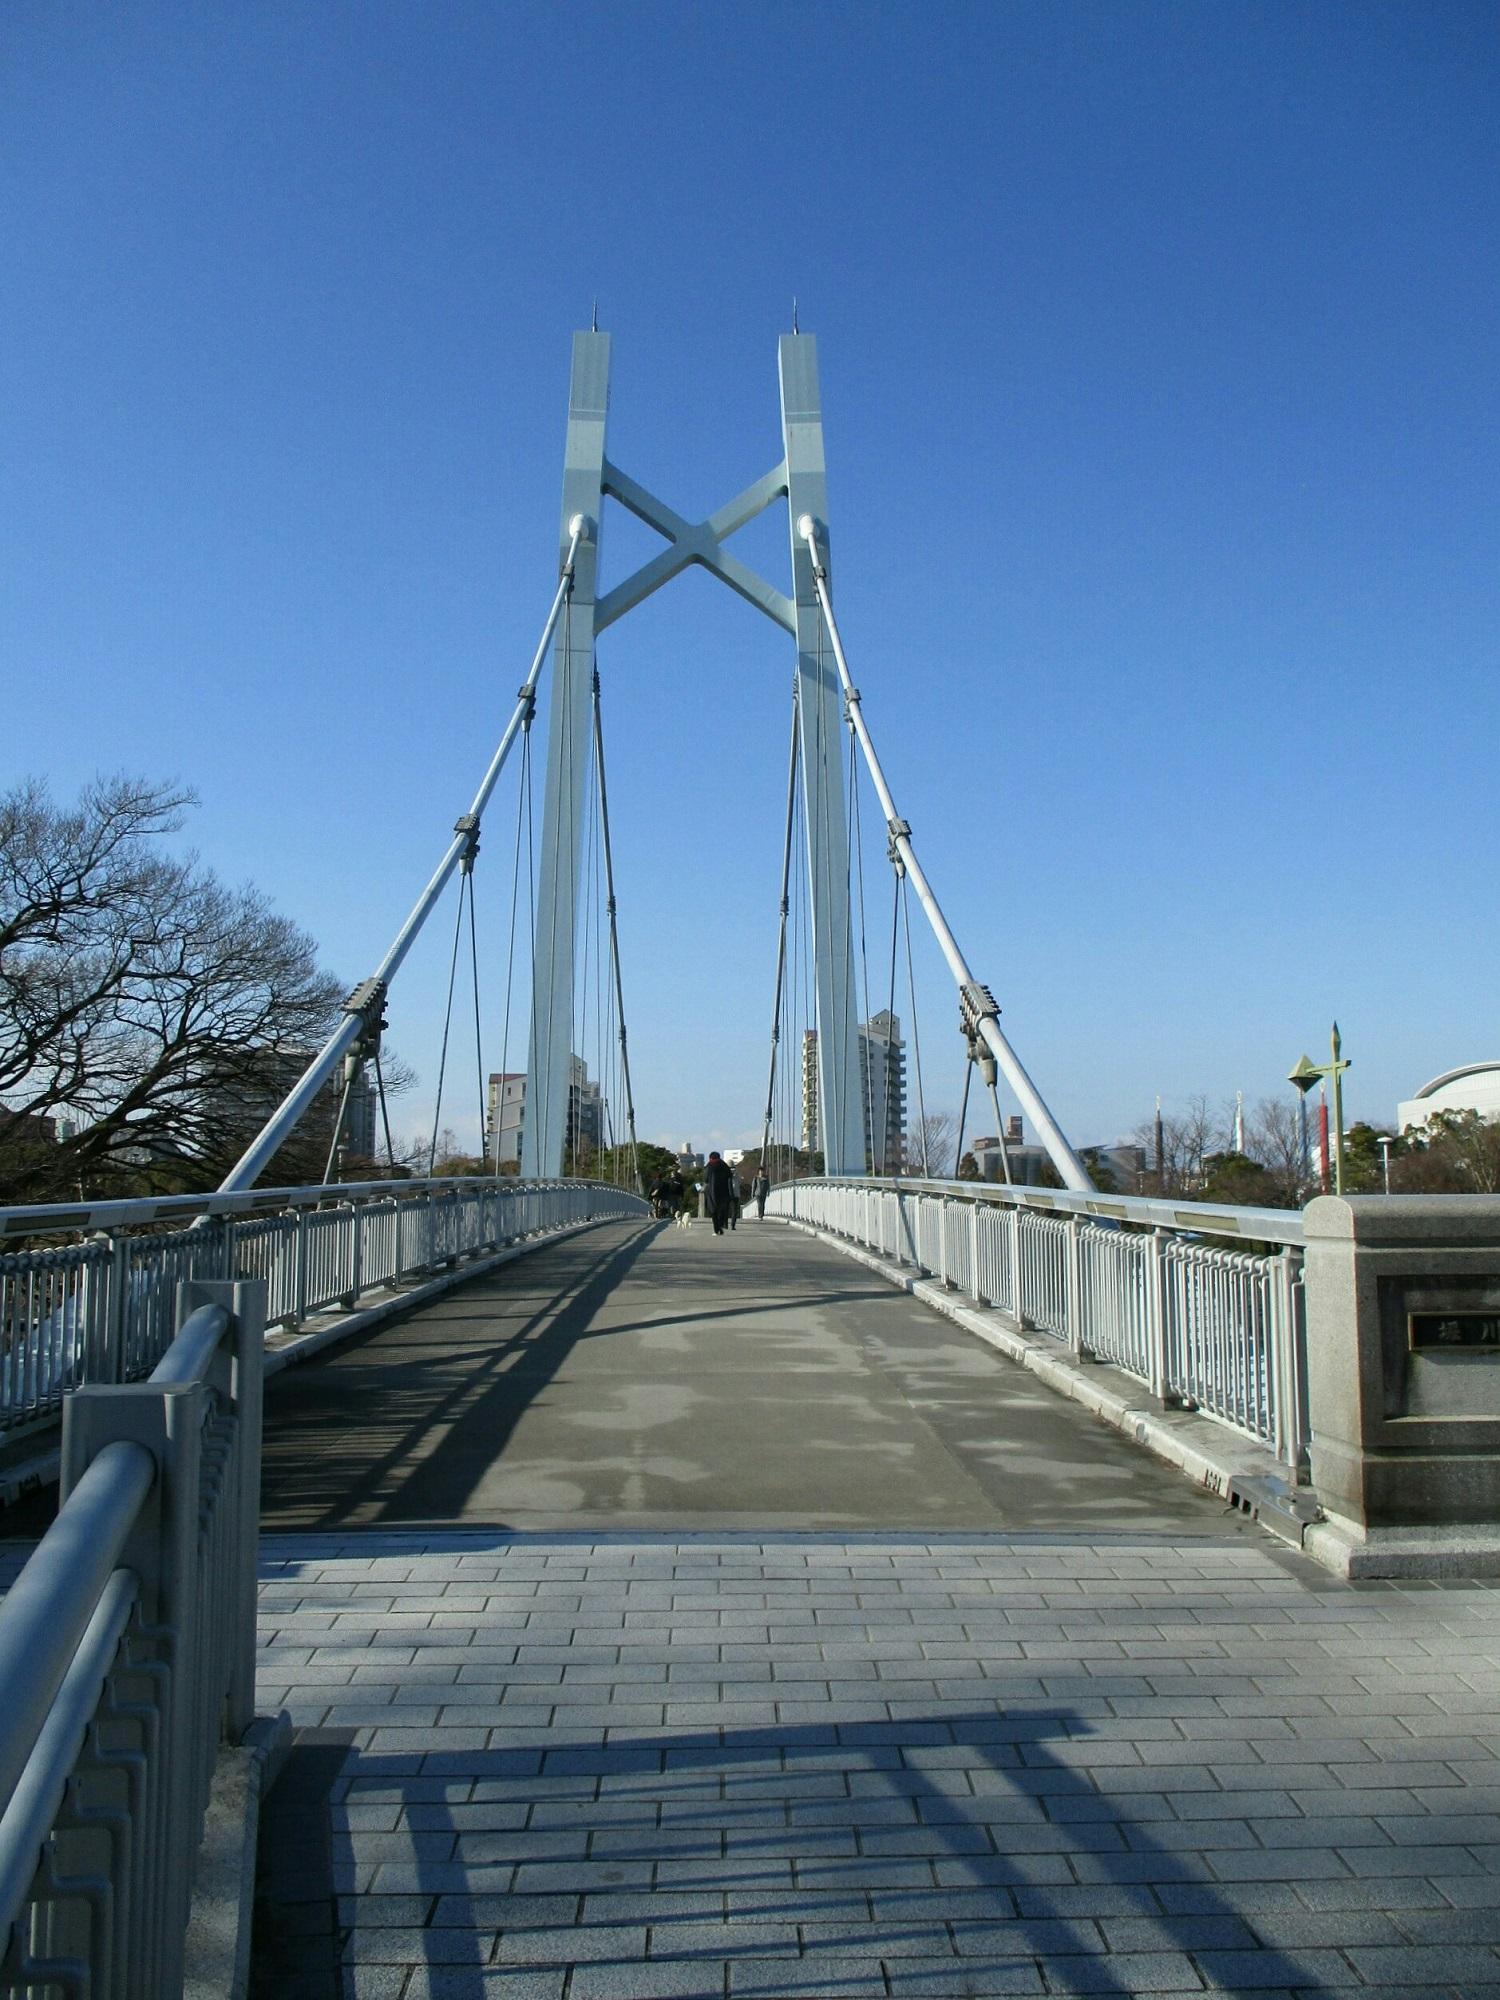 2019.1.16 (35) 熱田記念橋 - ひがしづめから 1500-2000